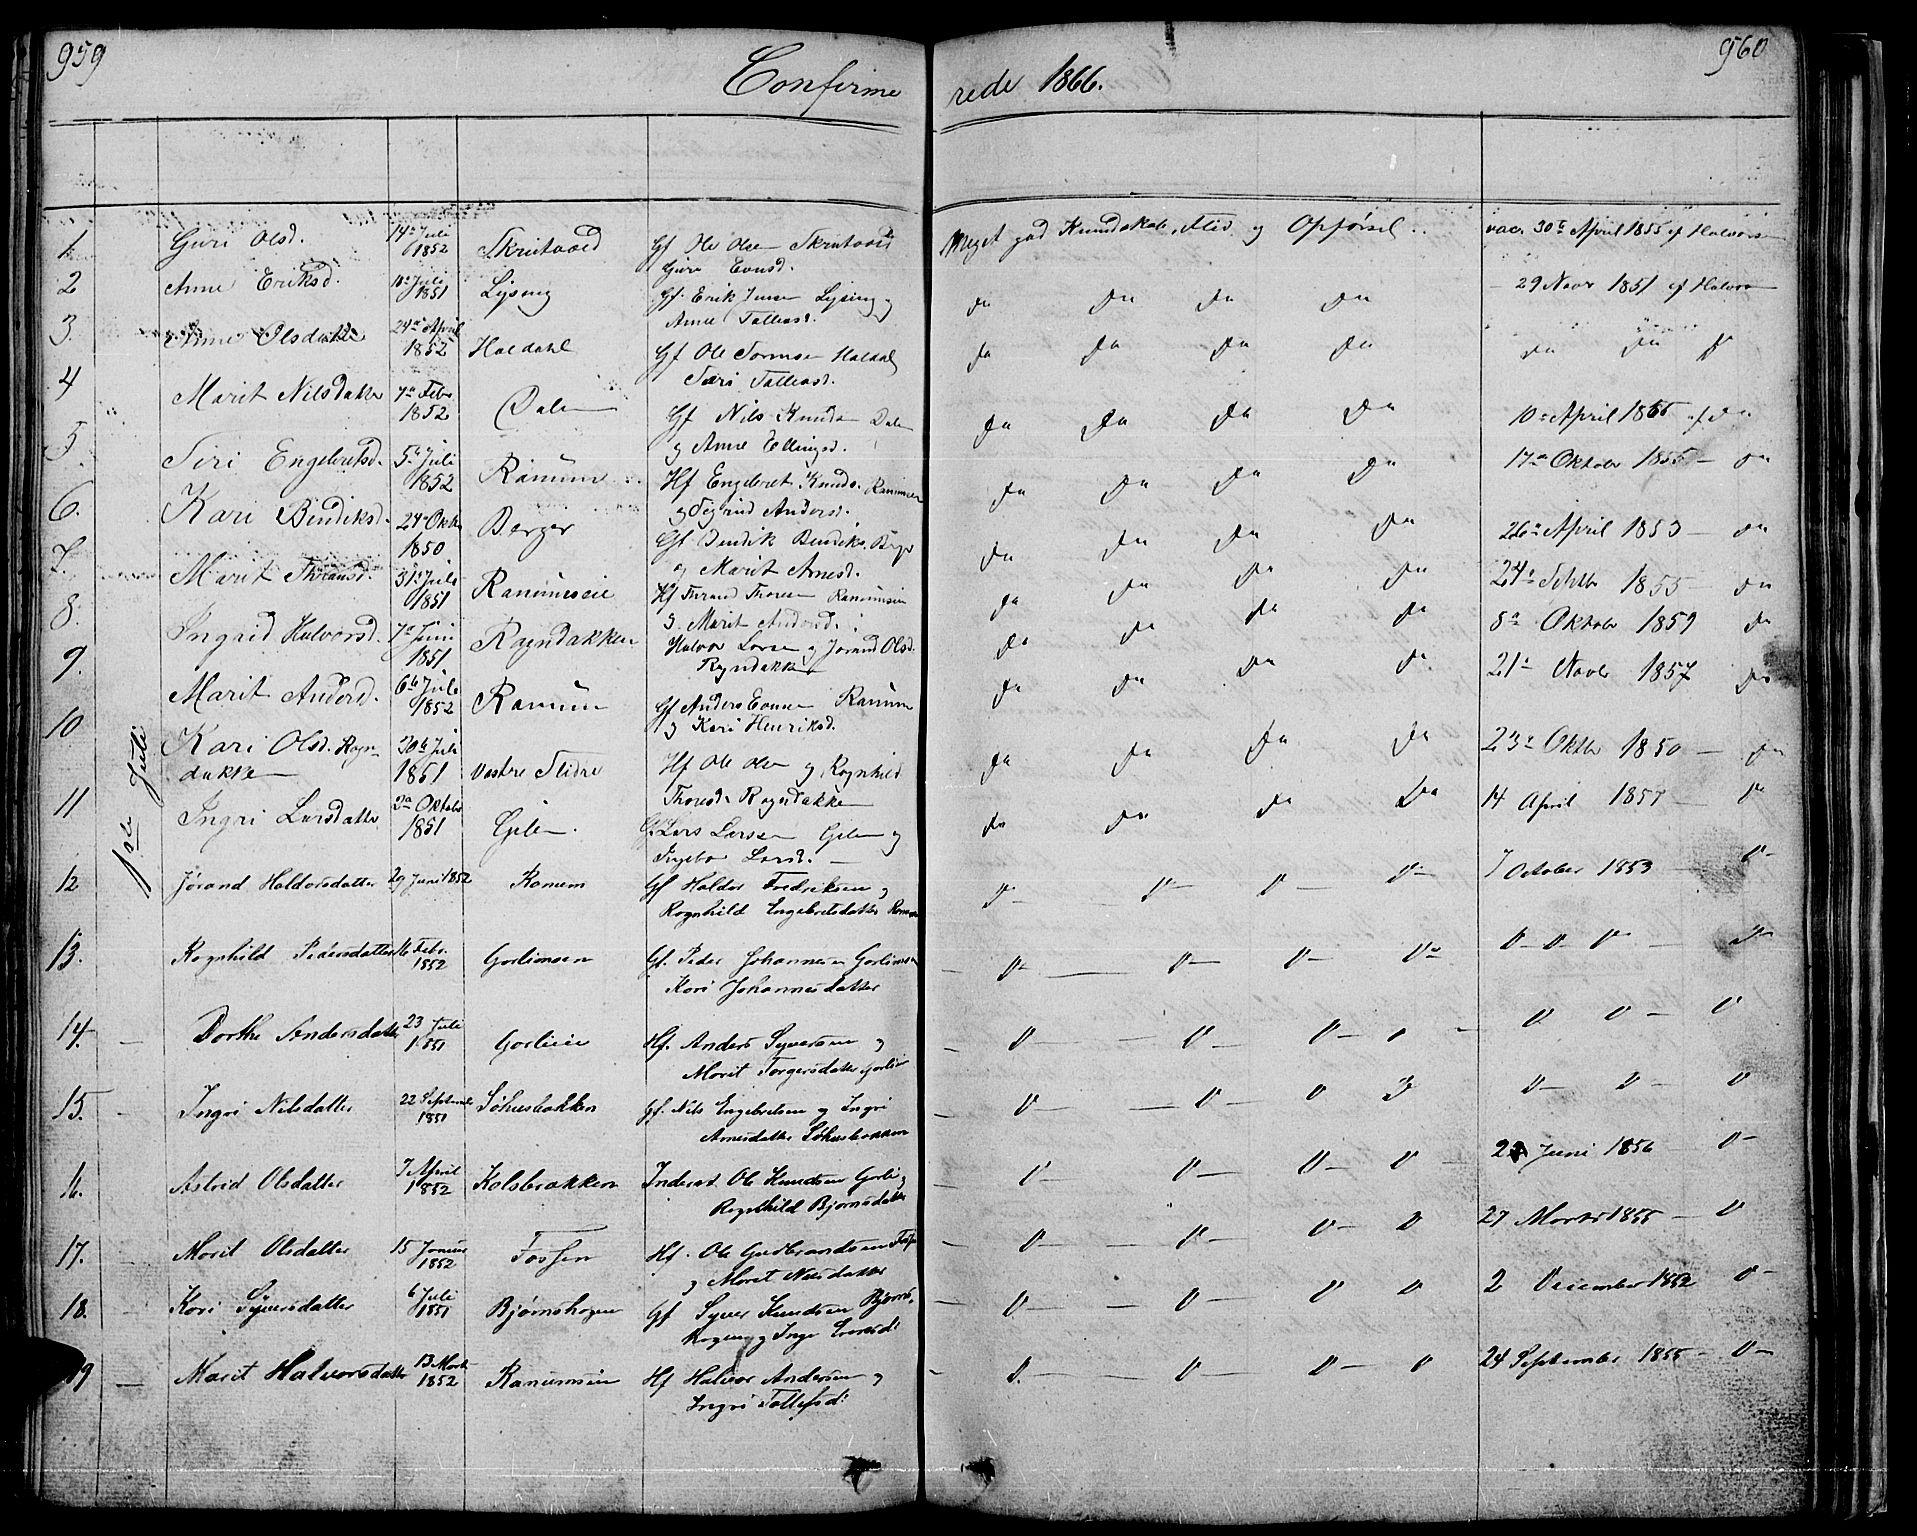 SAH, Nord-Aurdal prestekontor, Klokkerbok nr. 1, 1834-1887, s. 959-960